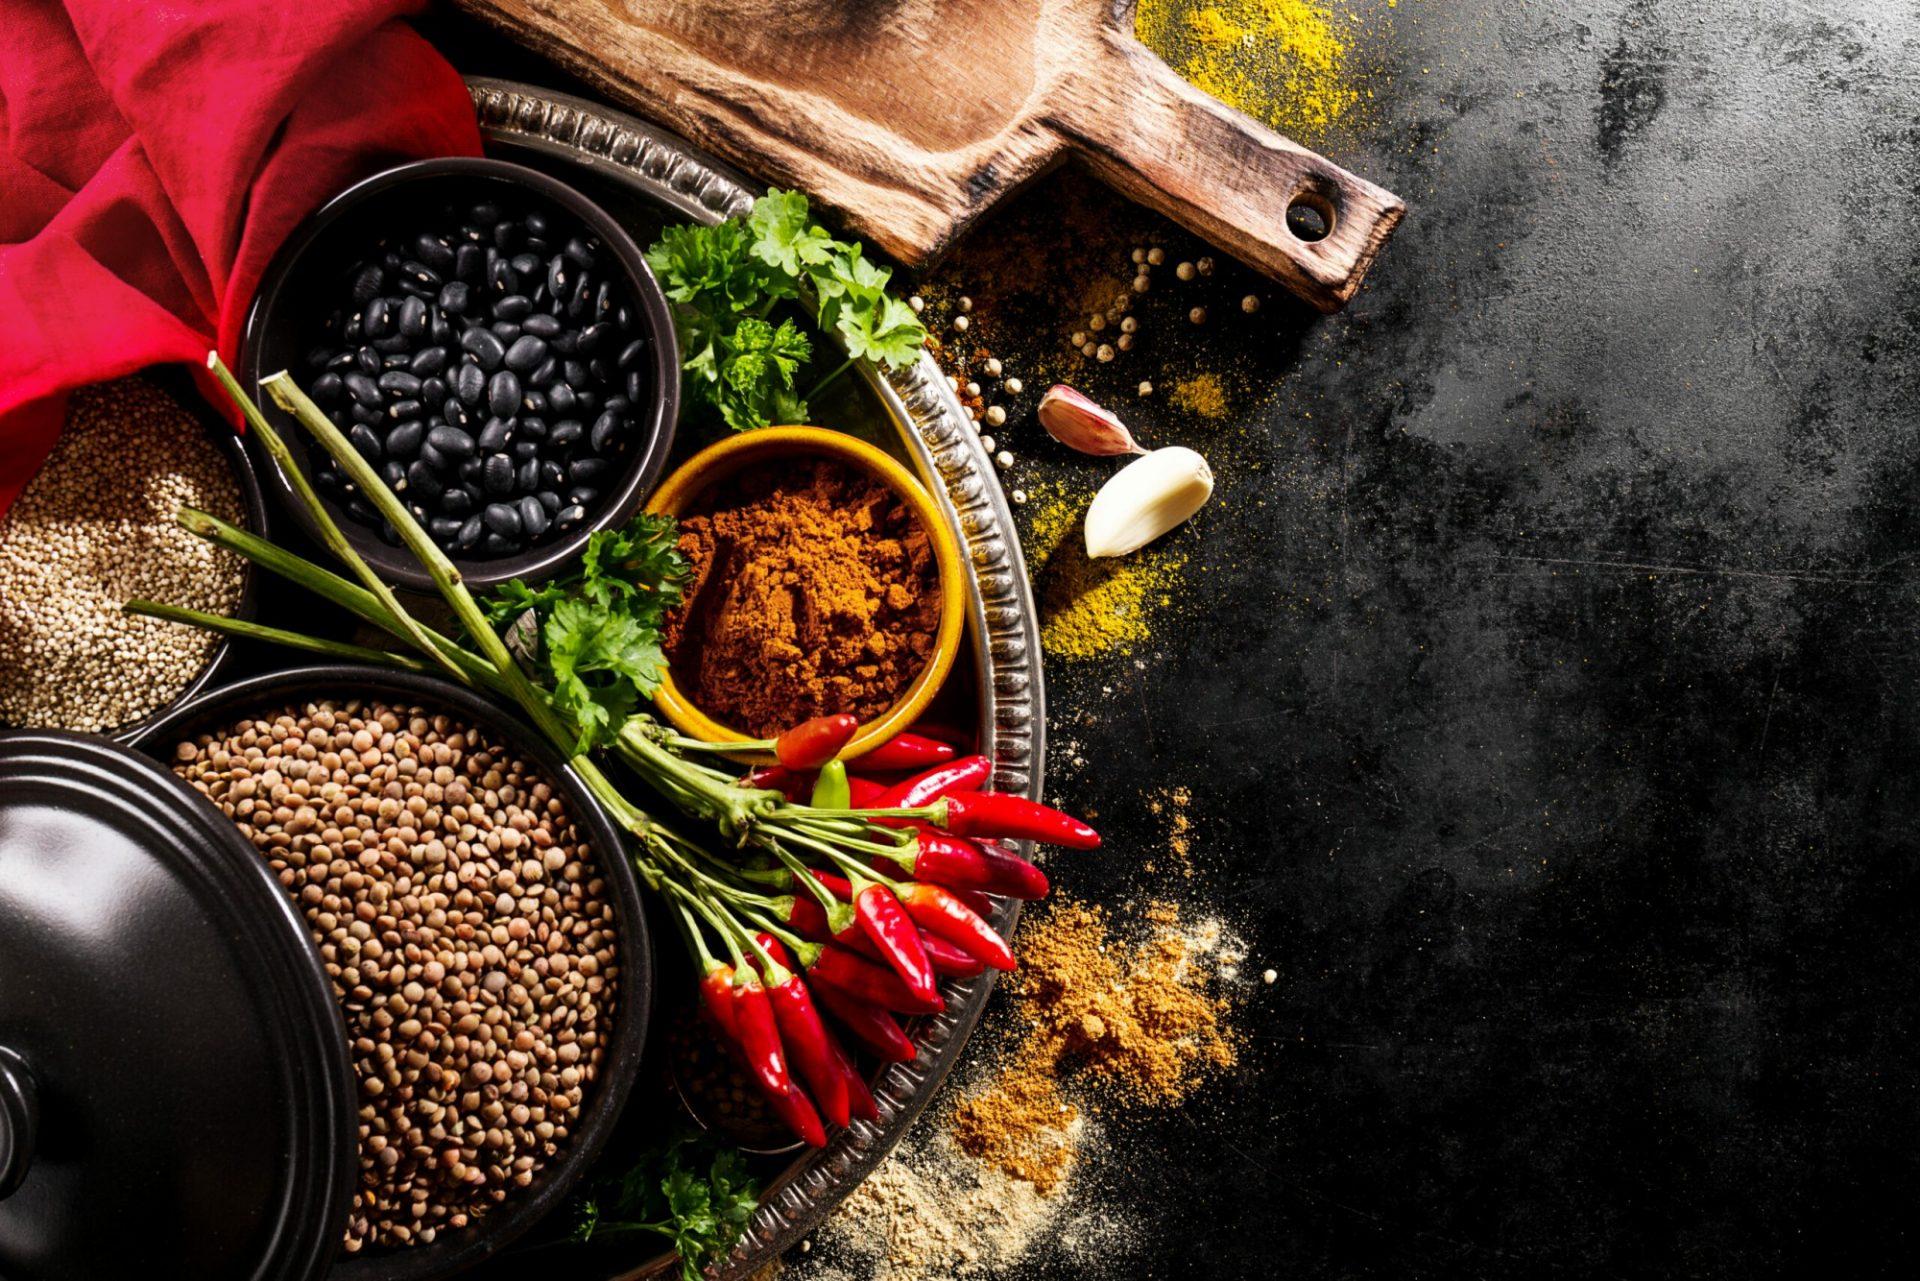 alimentacaoeautocuidado - O que alimentação tem a ver com autocuidado